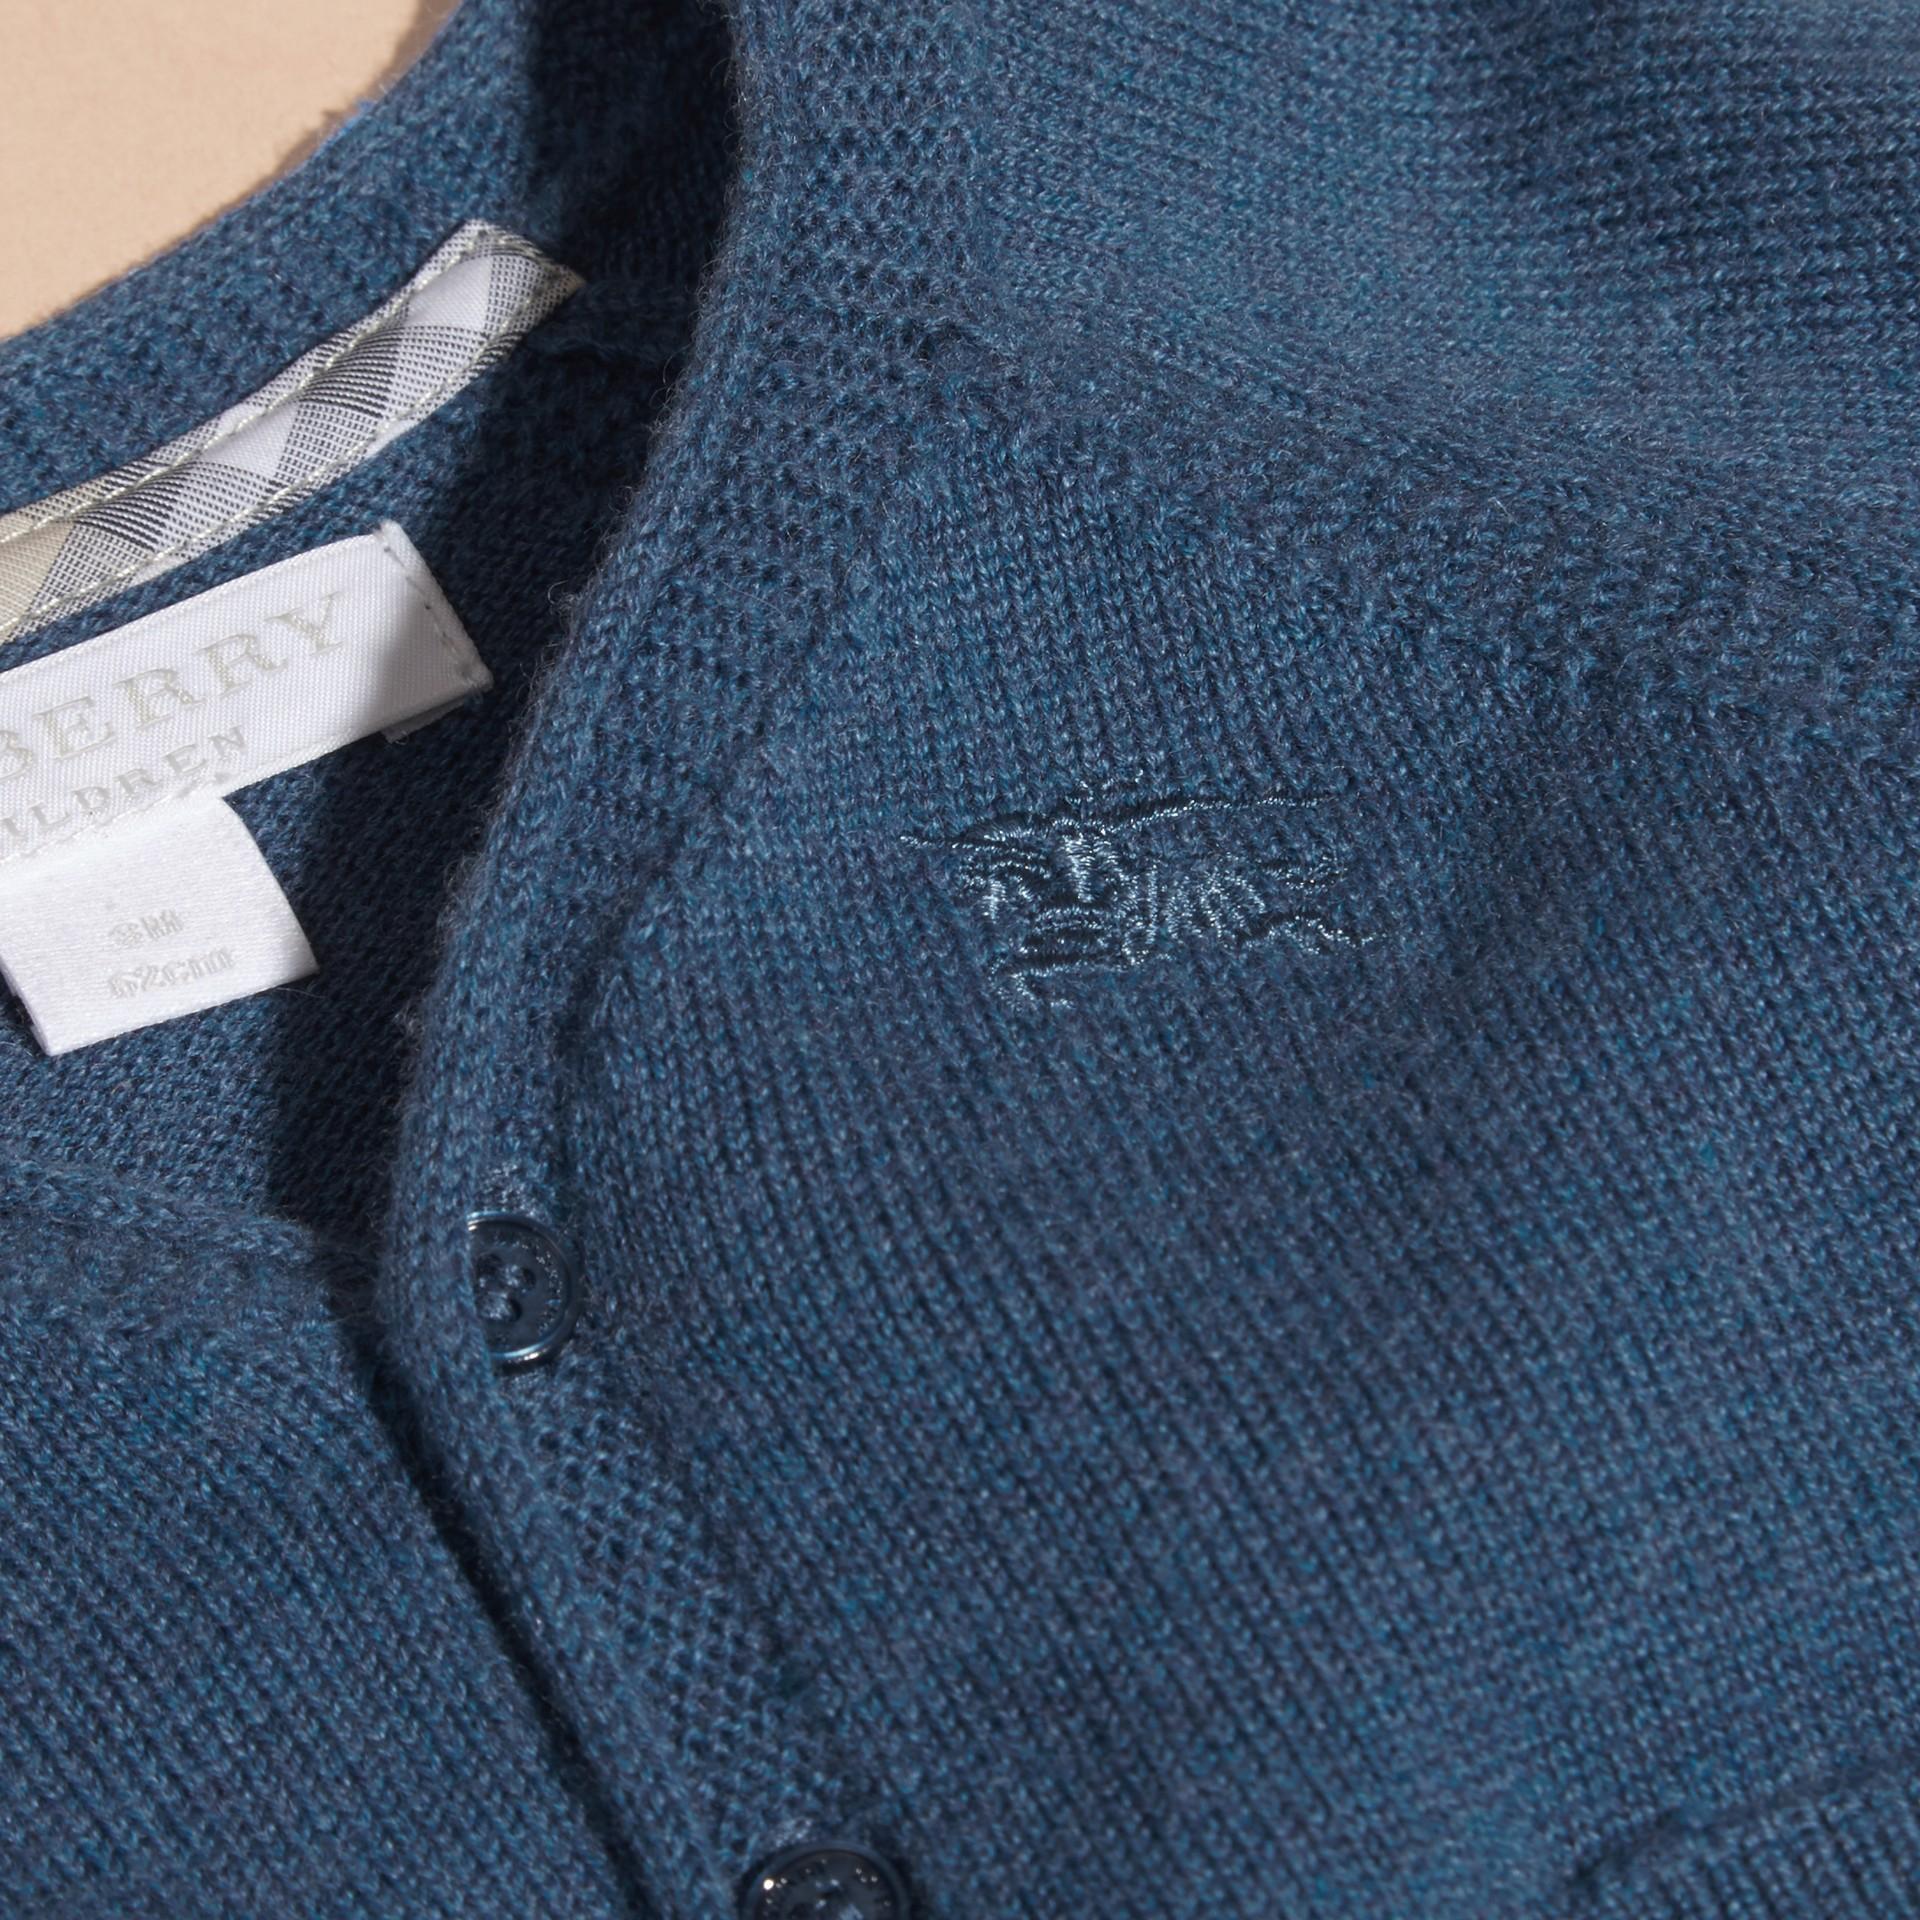 Blu acciaio intenso Cardigan in cashmere e cotone con scollo a V Blu Acciaio Intenso - immagine della galleria 2